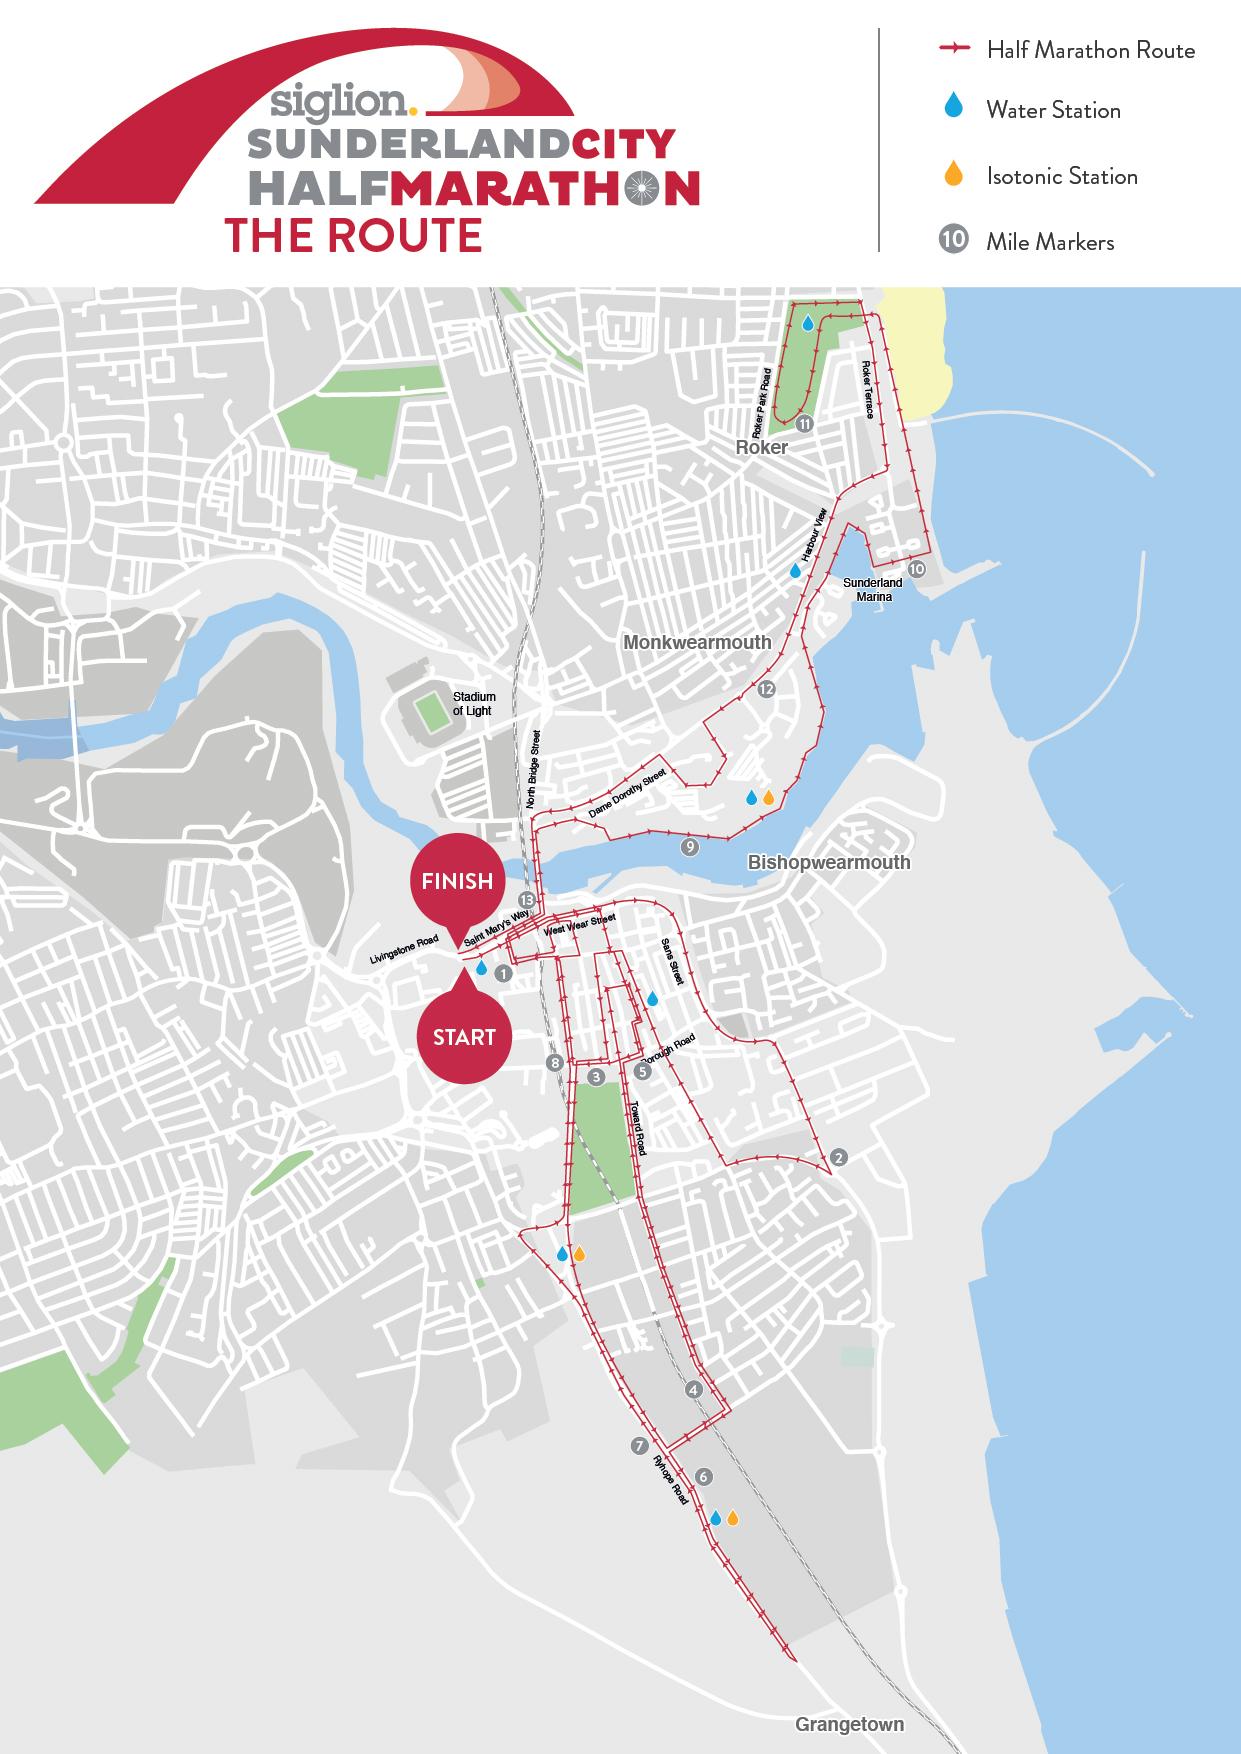 Sunderland Half Marathon Route Map